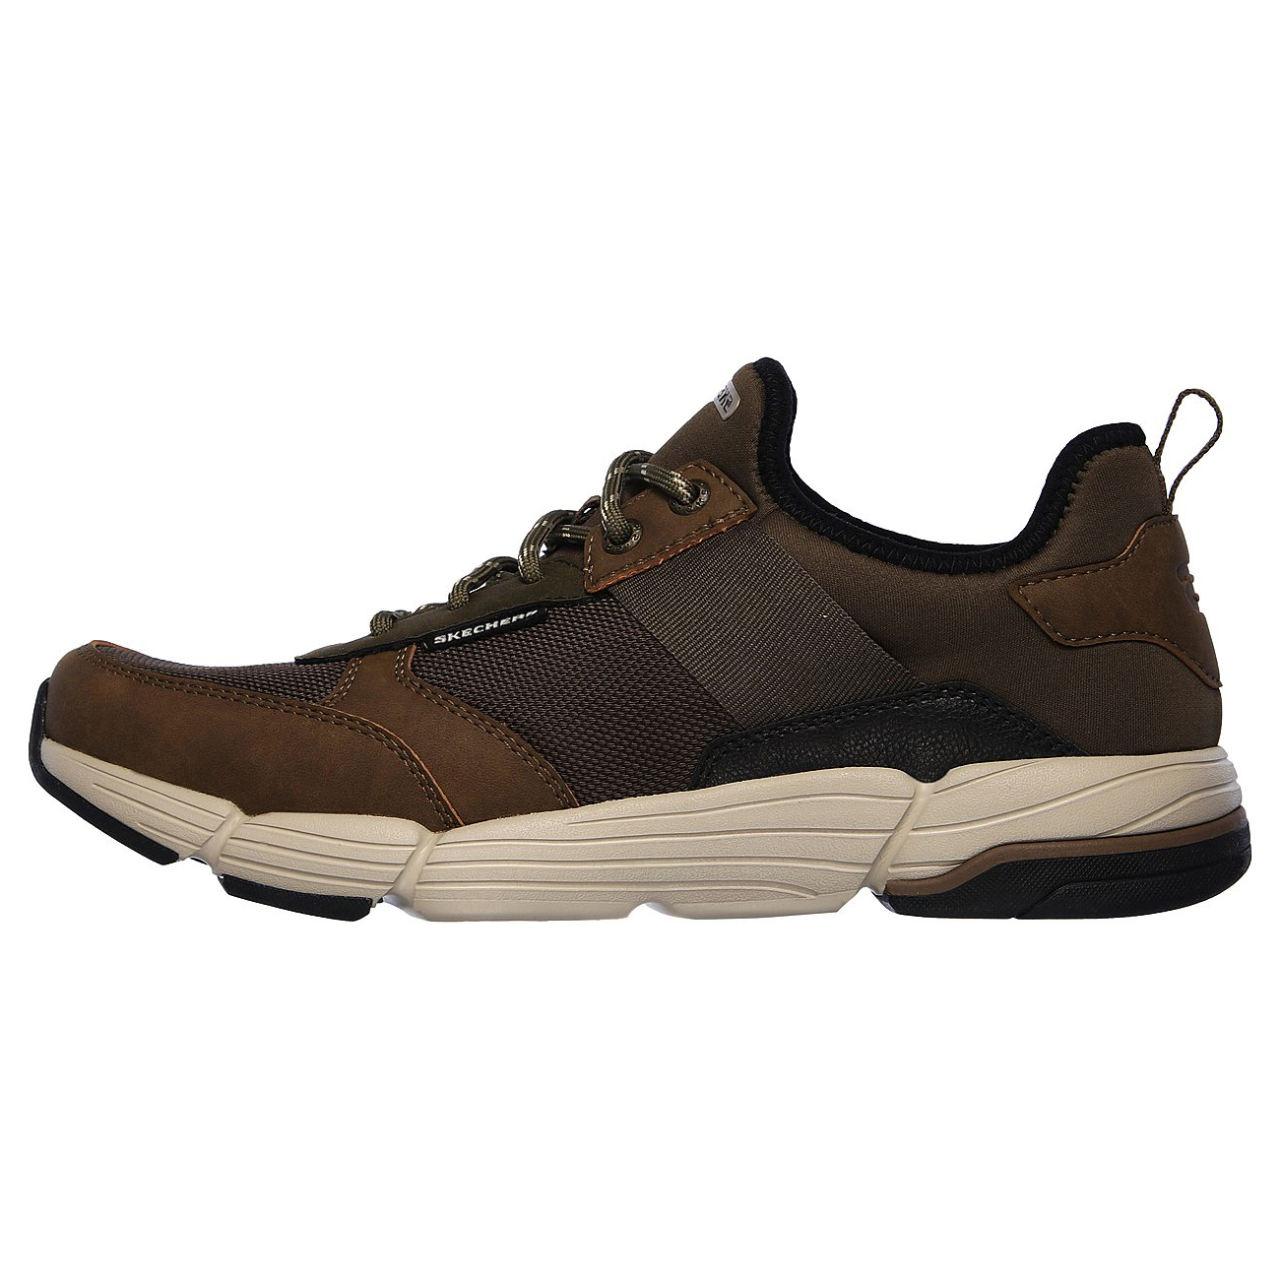 کفش راحتی مردانه اسکچرز مدل 66177-OLBR